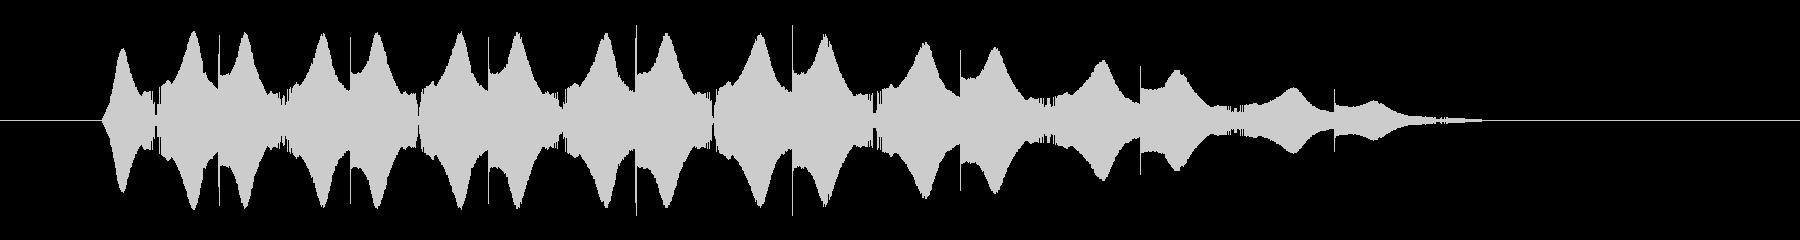 レーザー音-44-3の未再生の波形